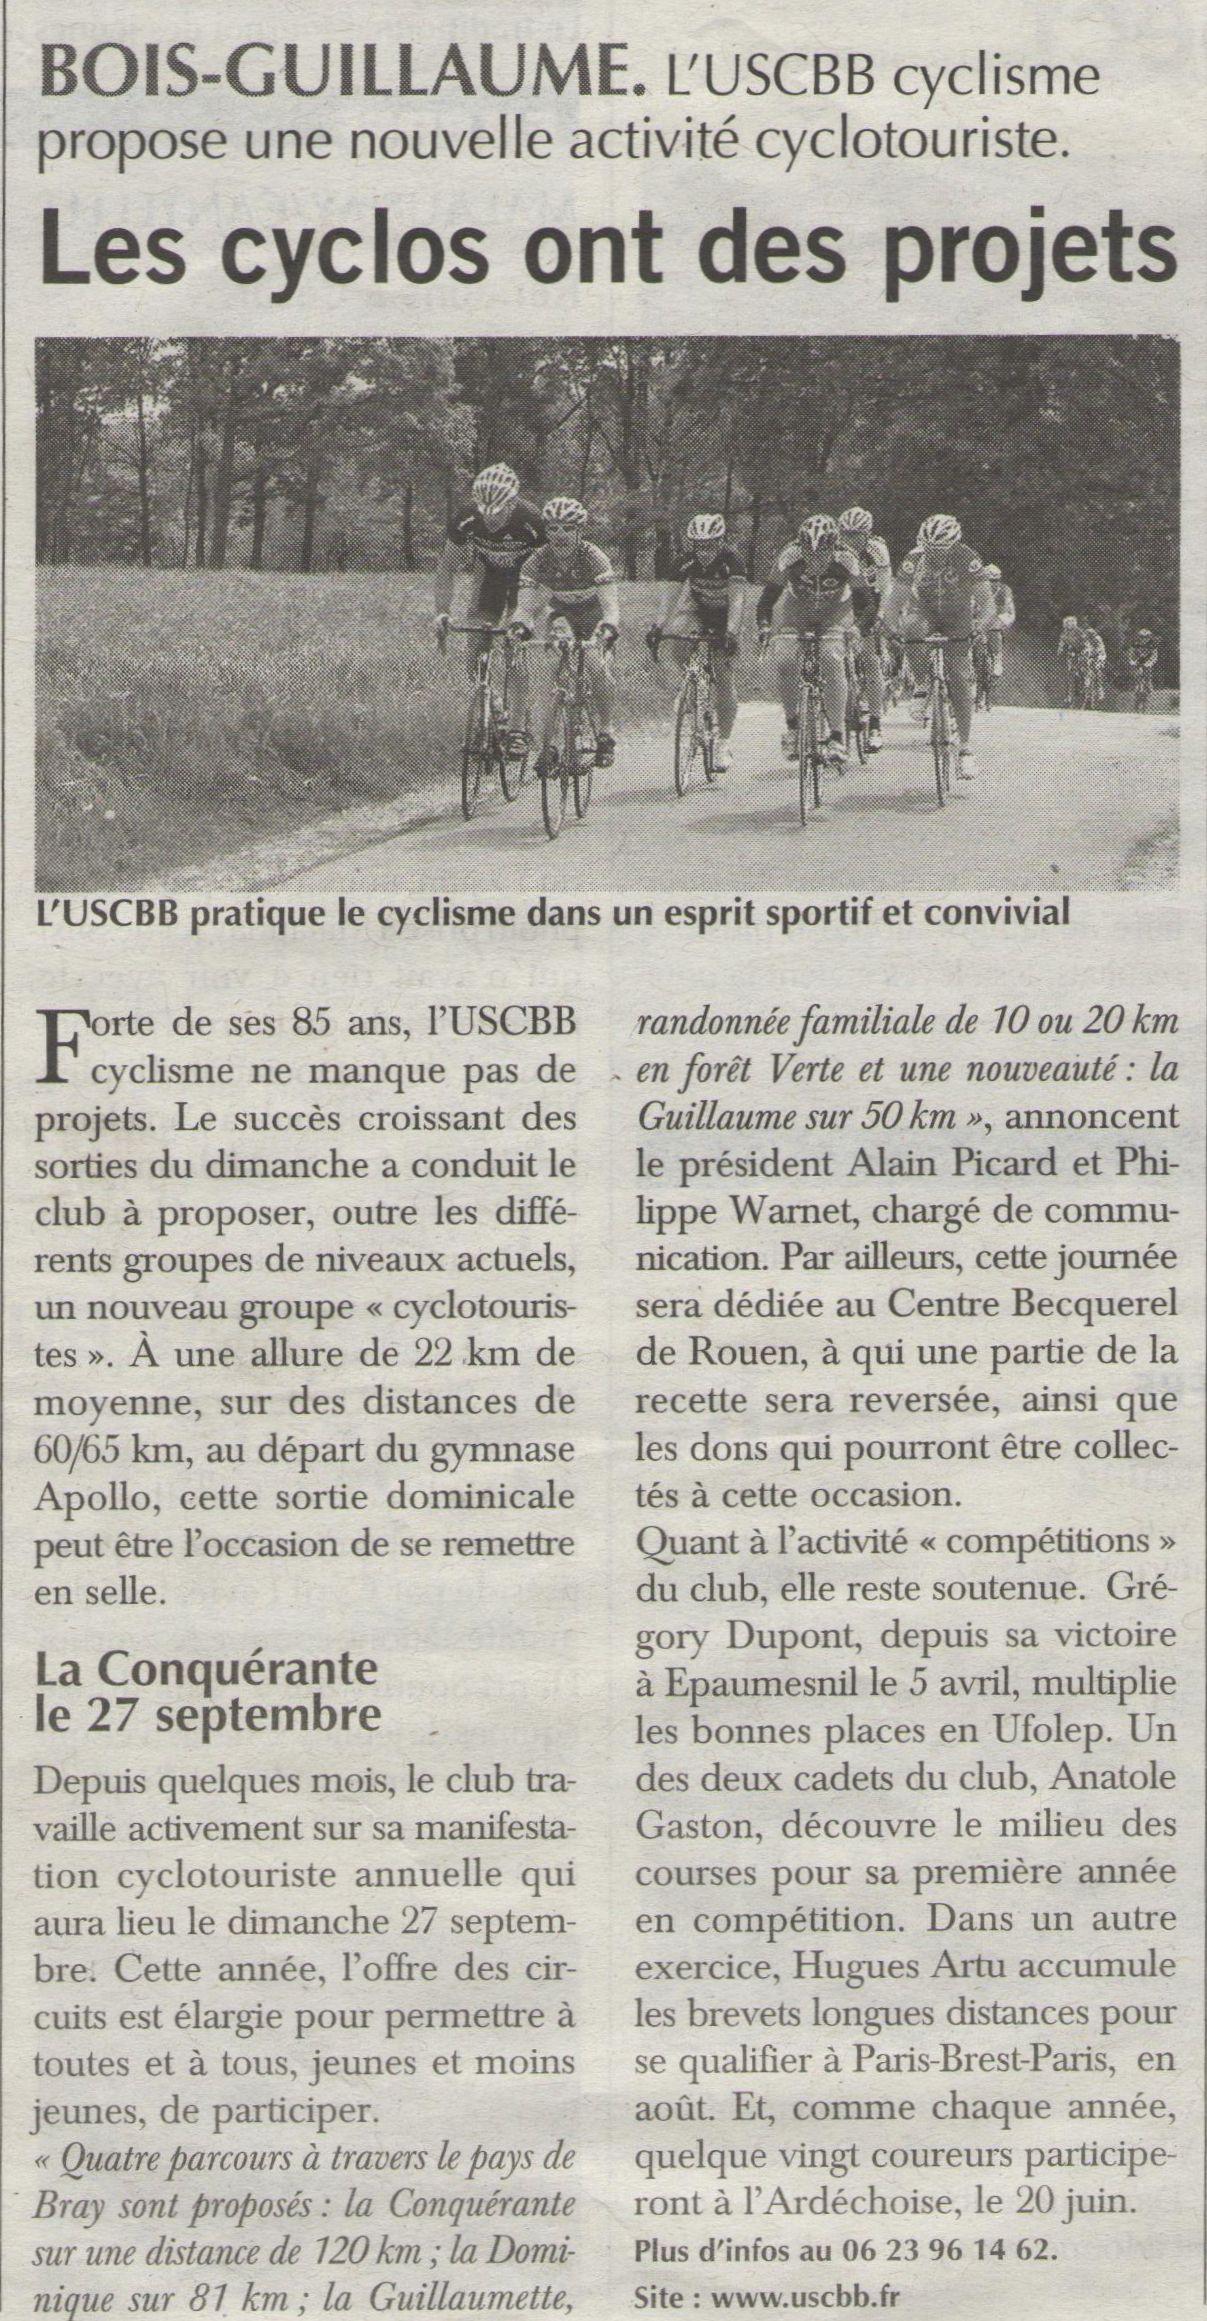 15 06 18 Paris Ndie USCBB Cyclisme